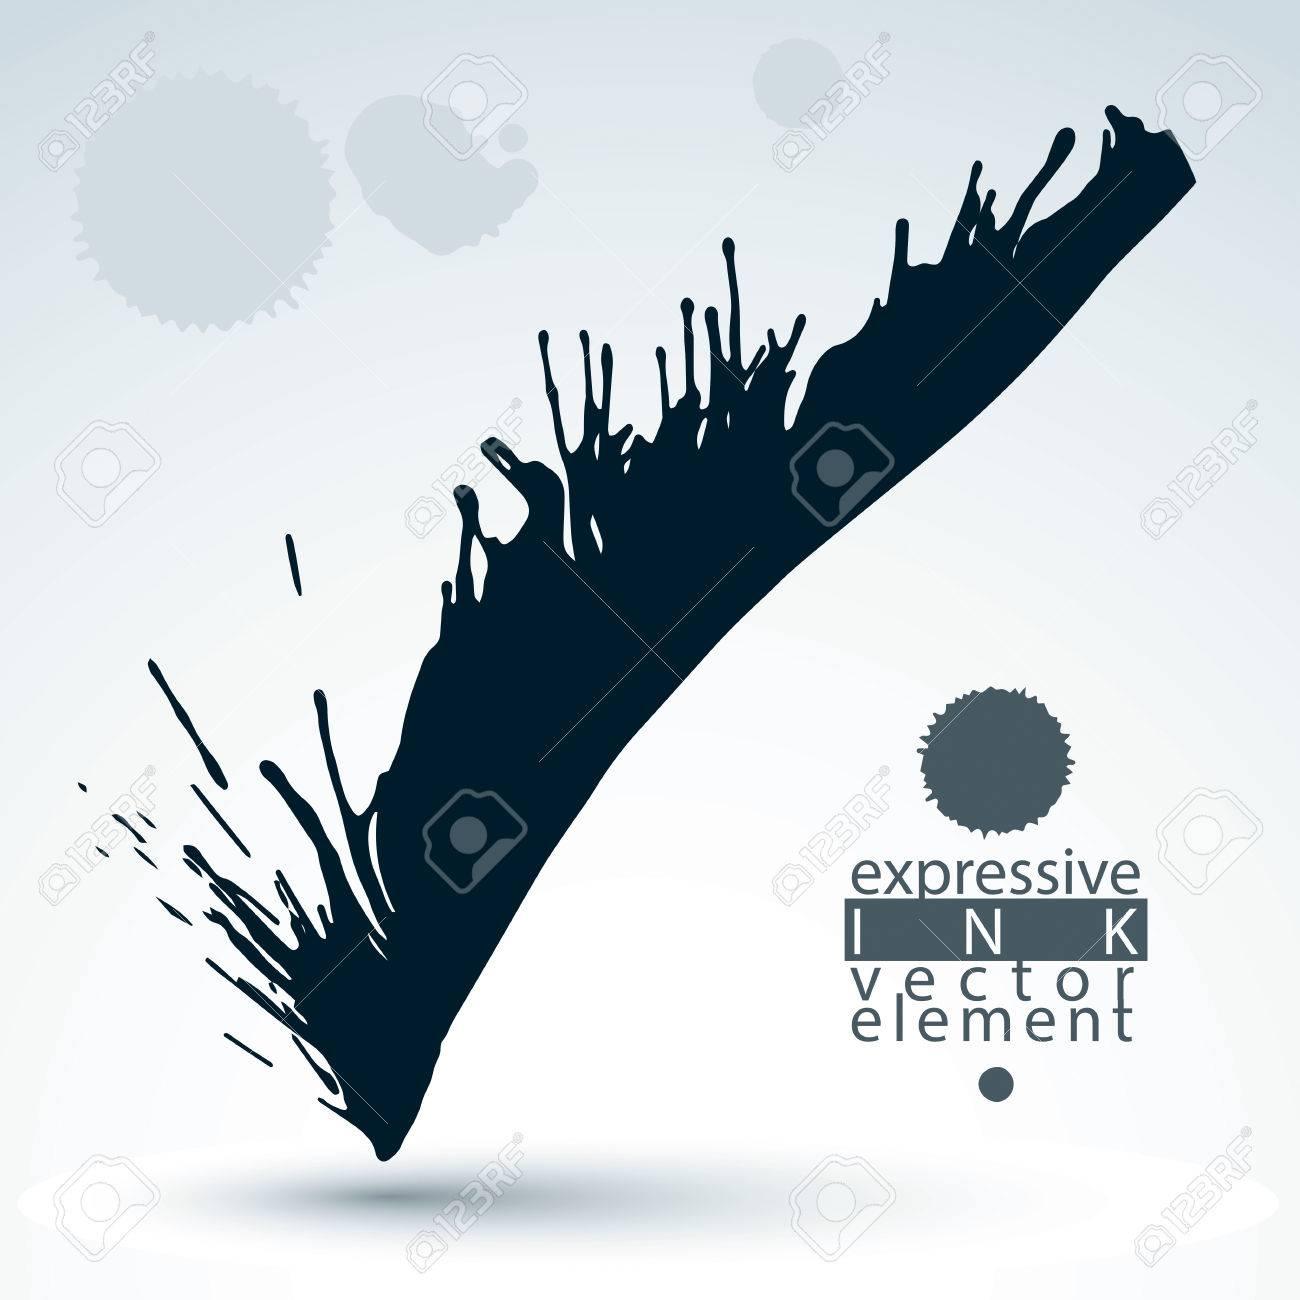 現代ベクトルの真っ黒な壁紙 ブラシで描いた Eps8 Blob は混乱落書き図形要素 灰色のだらしのない図です のイラスト素材 ベクタ Image